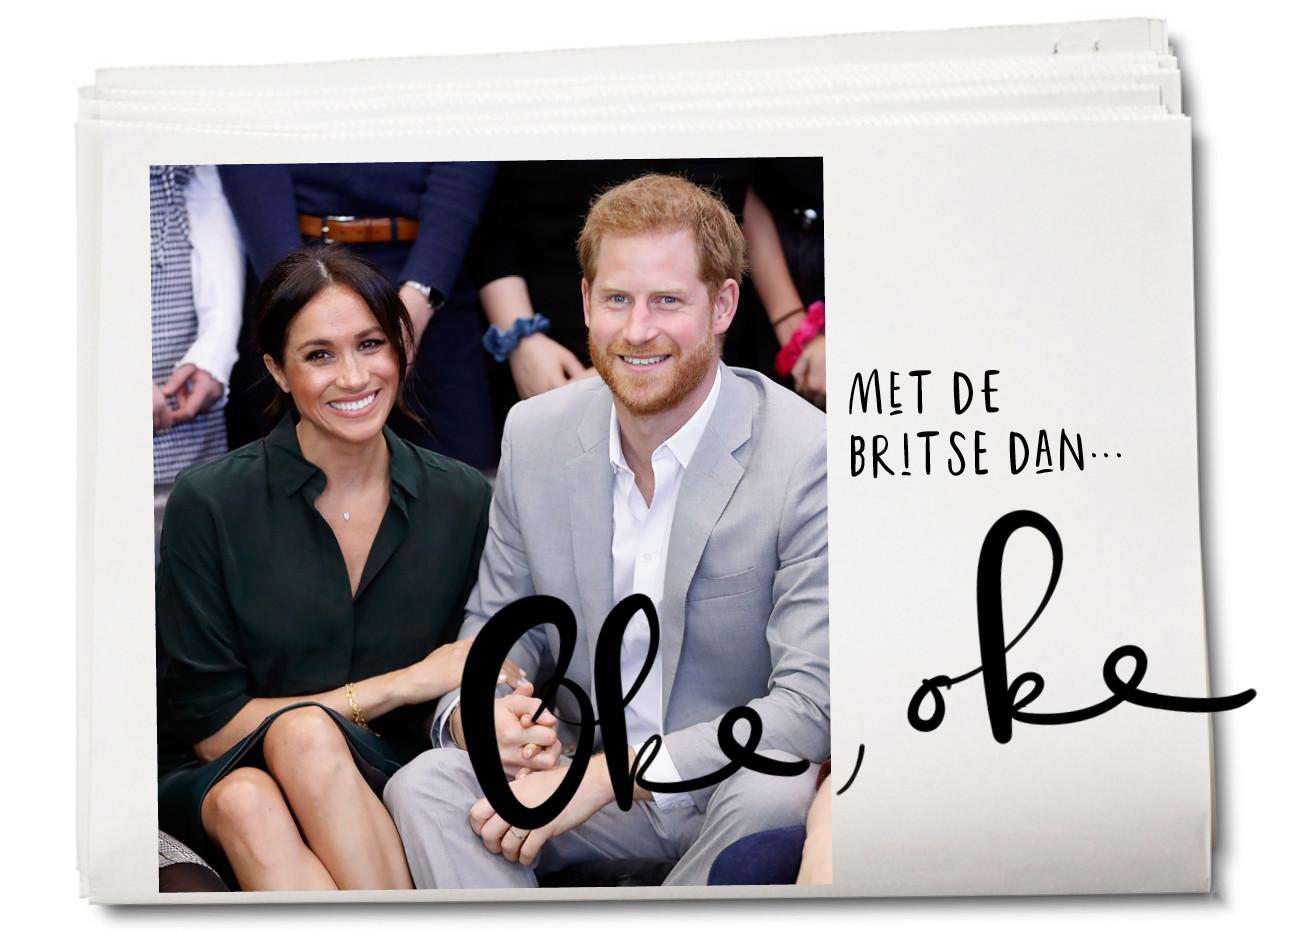 Meghan Markle en prins harry lachend naast elkaar zitten